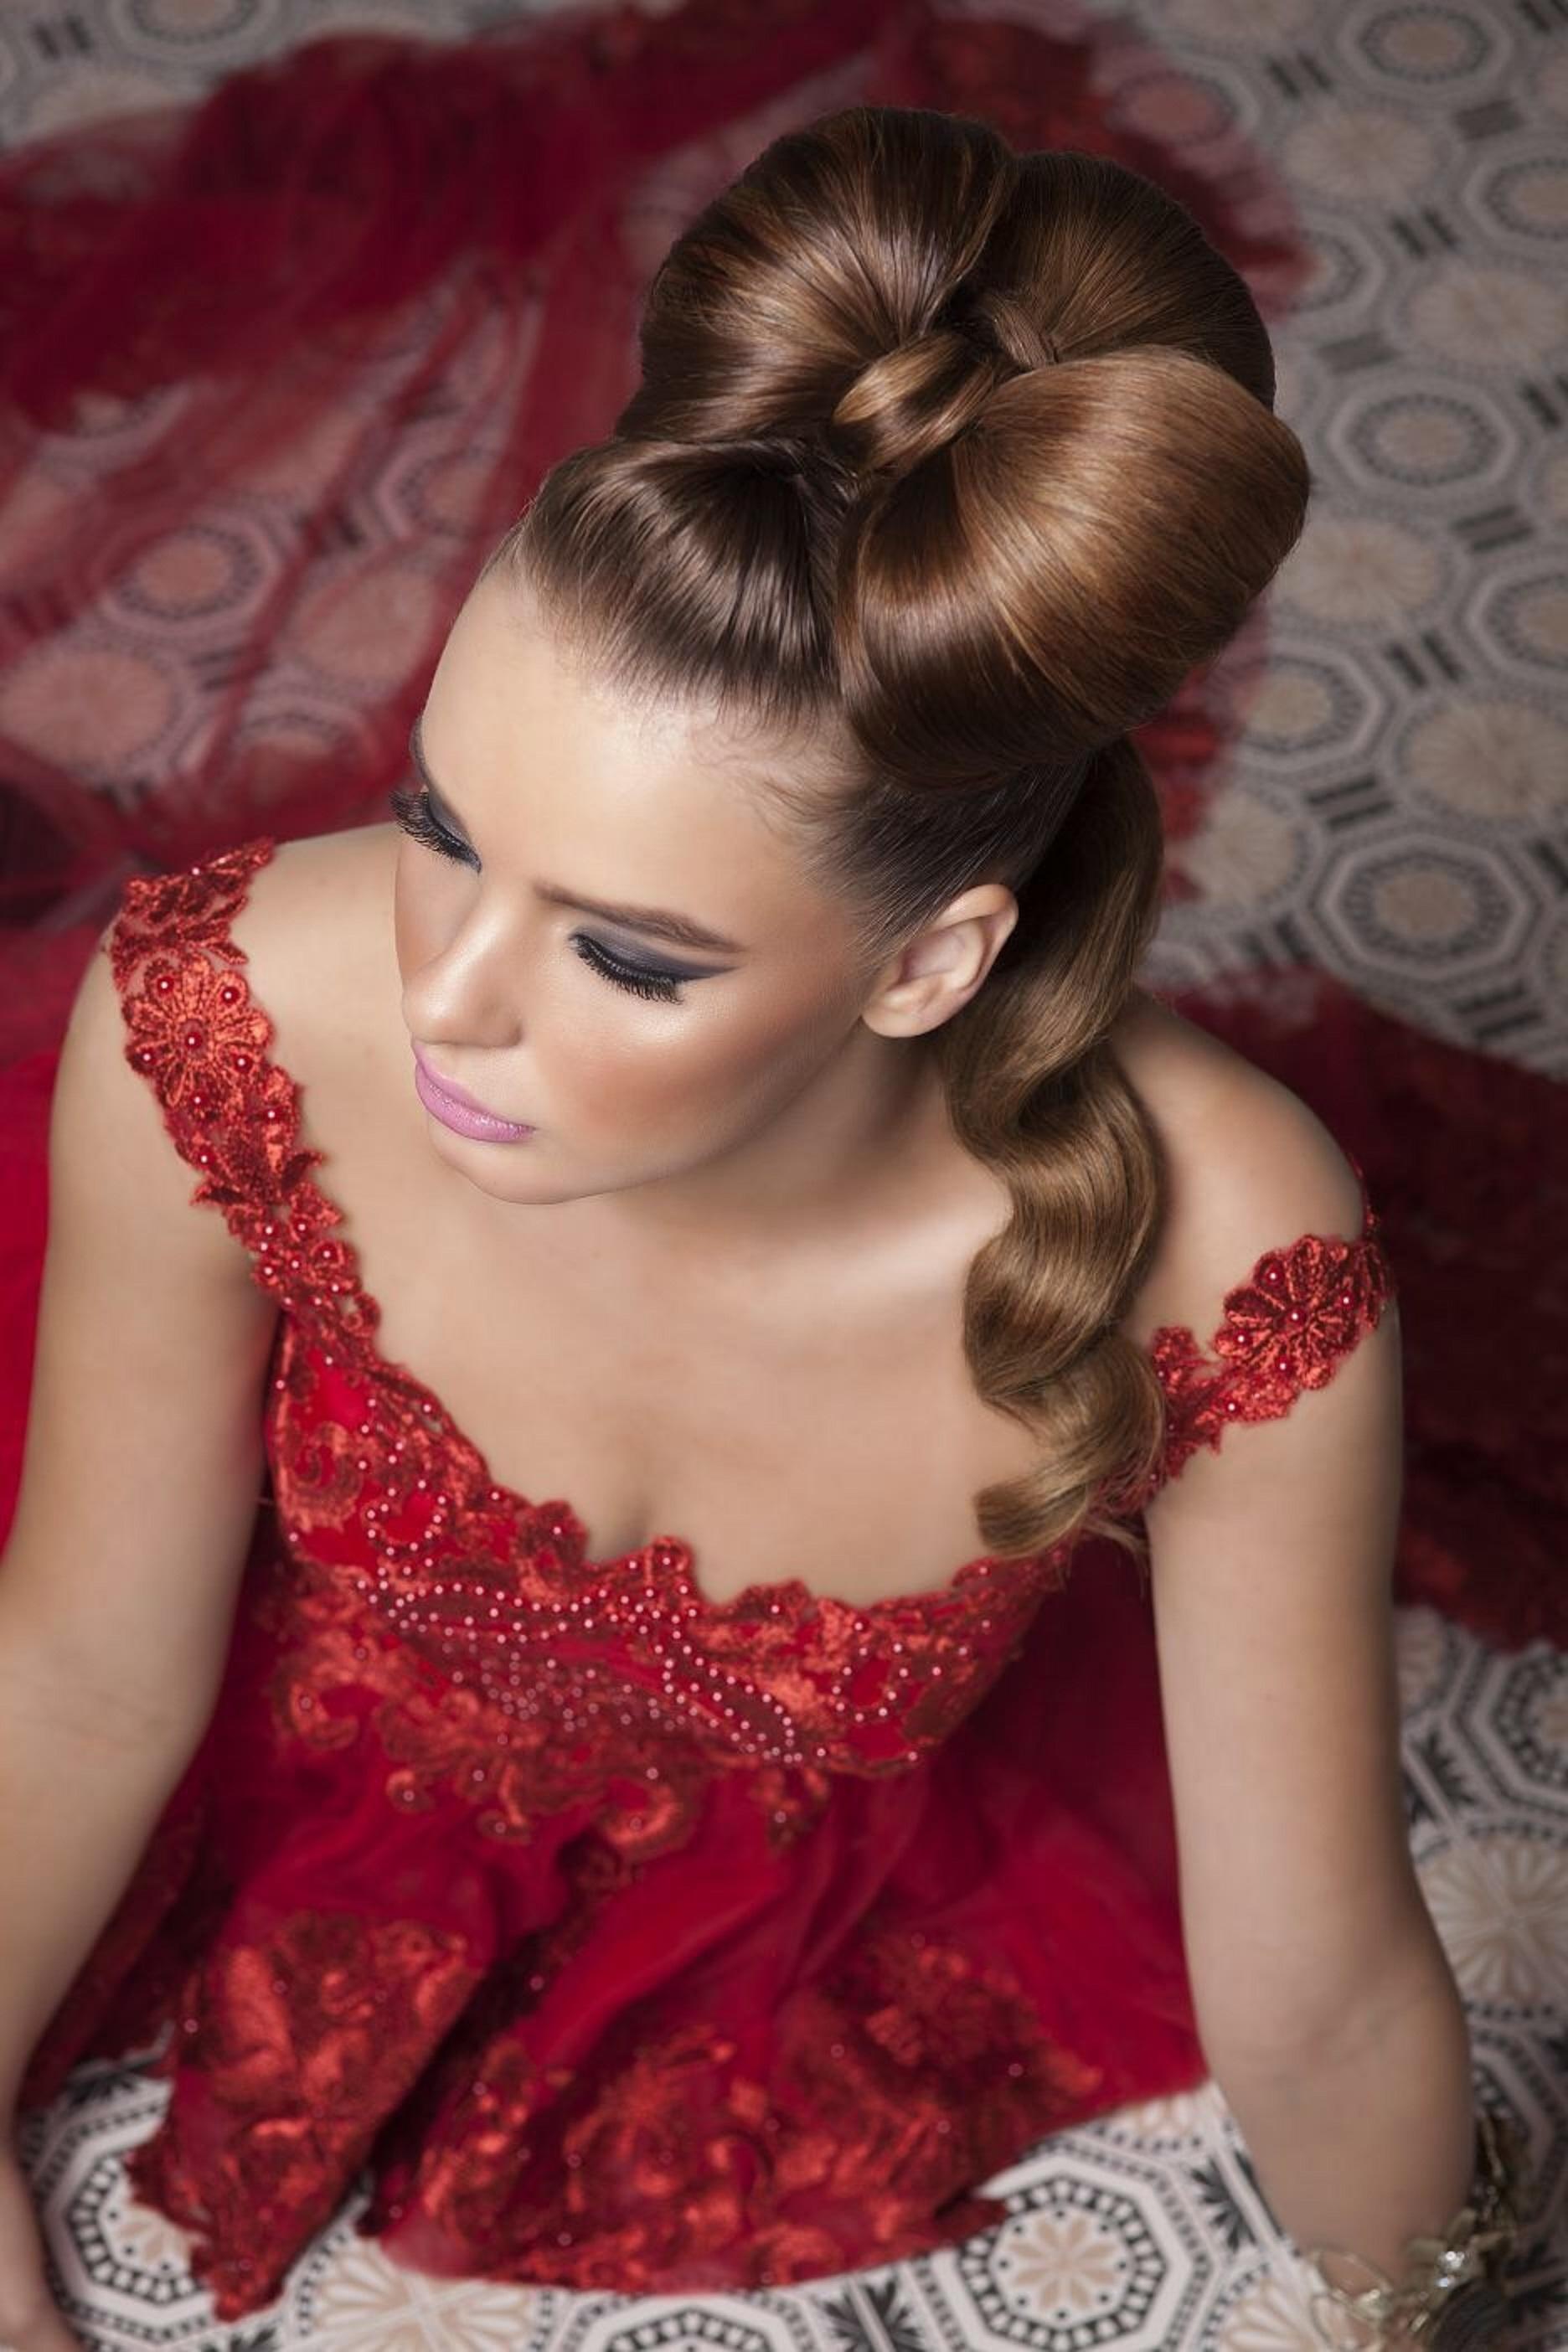 מעצבת השיער דנית אנקר בחברת Mon Platin Professional מציגה מראה וולנטיין